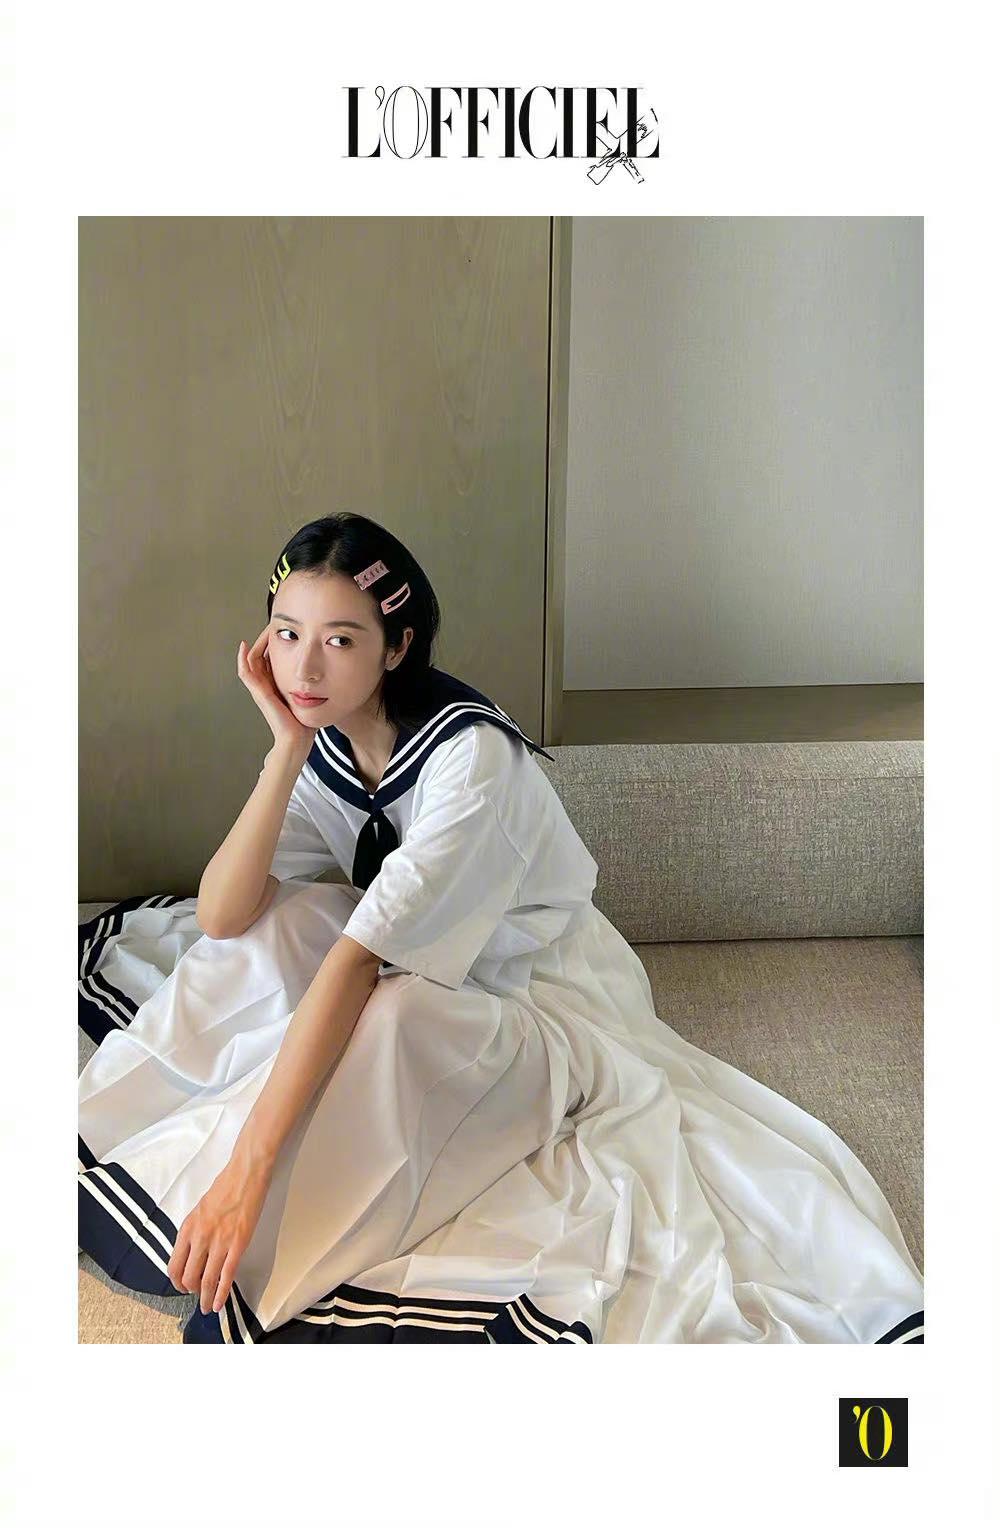 Mỹ nhân Cbiz đọ sắc trong tạo hình nữ sinh: Dương Mịch xinh 'nhức nách', Triệu Lộ Tư tấu hài cực mạnh 7